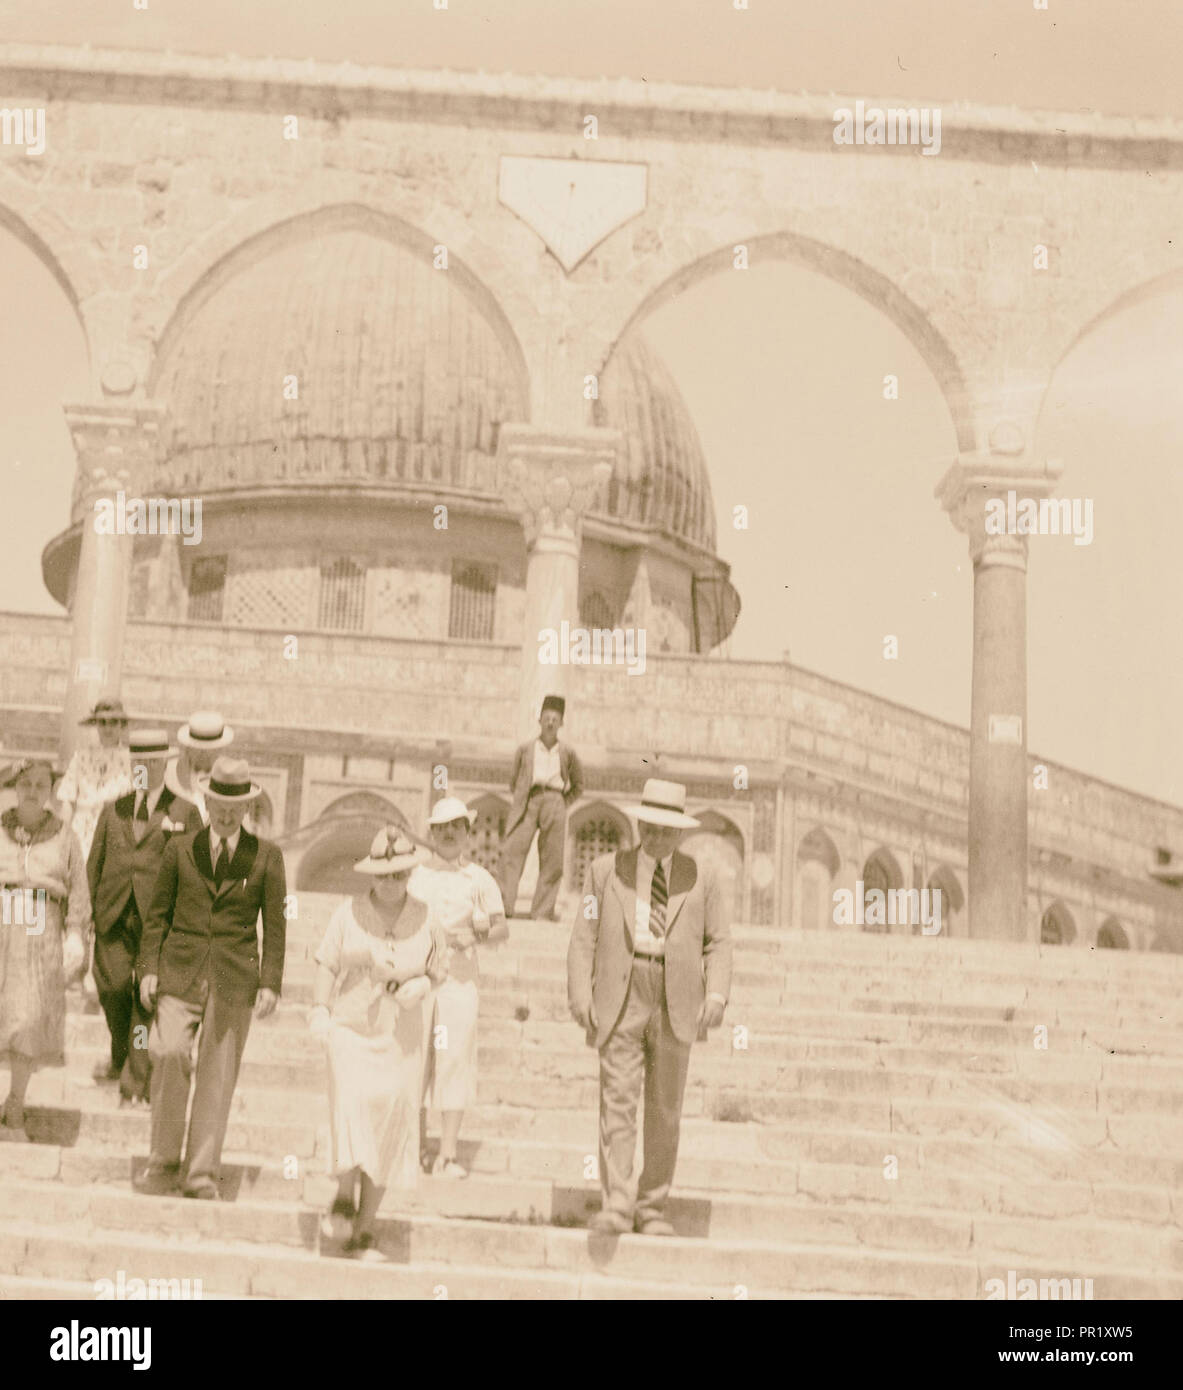 Der US-Senator & Frauen, 12.08.1936, Naher Osten, Israel und/oder Palästina Stockfoto